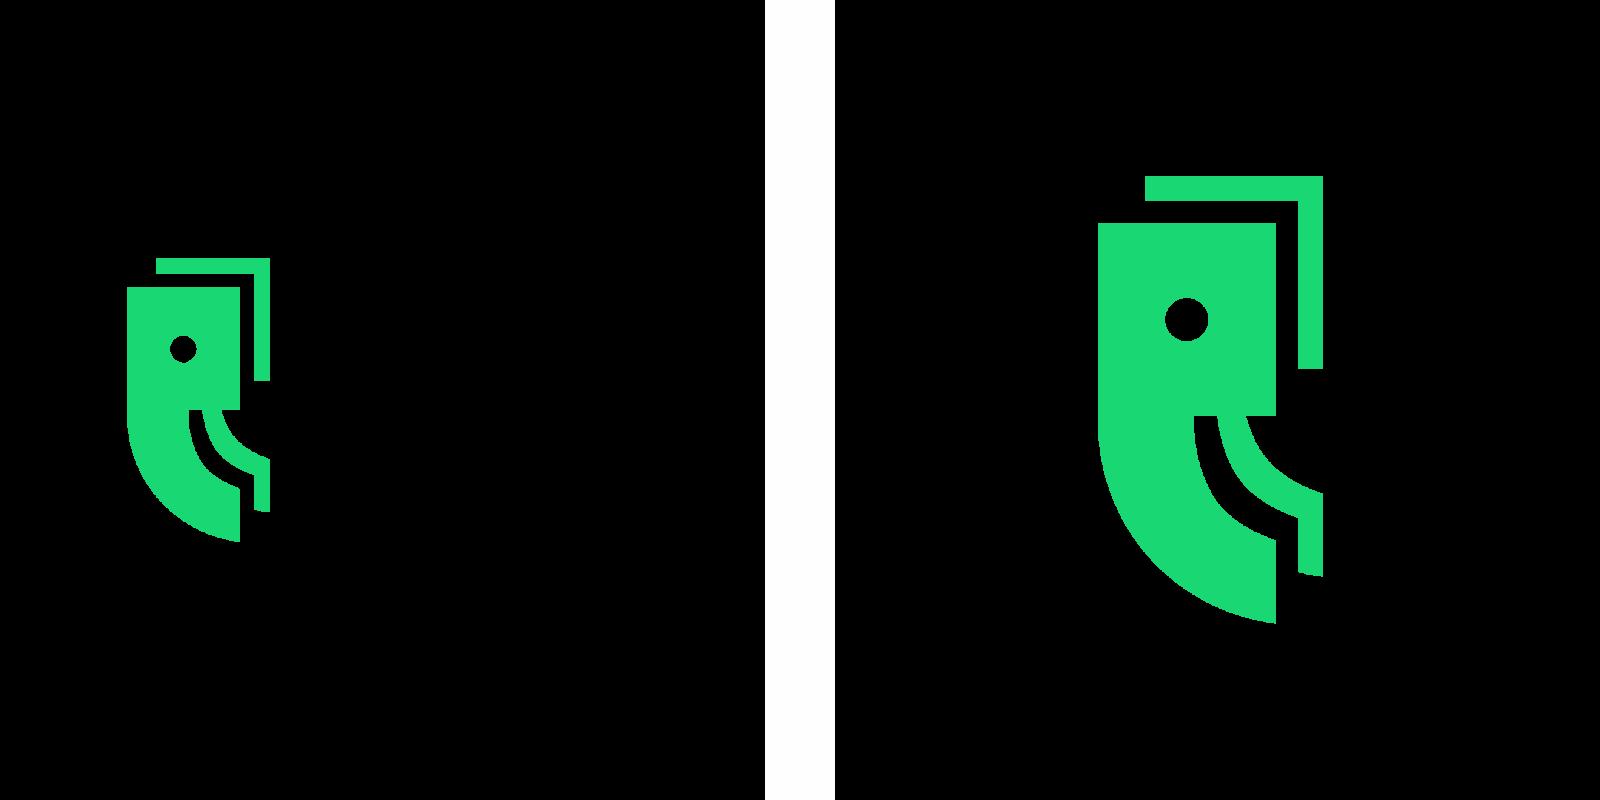 """Sveriges Tidskrifter med tagline """"publicister i samverkan"""" och symbol, som även kan stå för sig själv."""